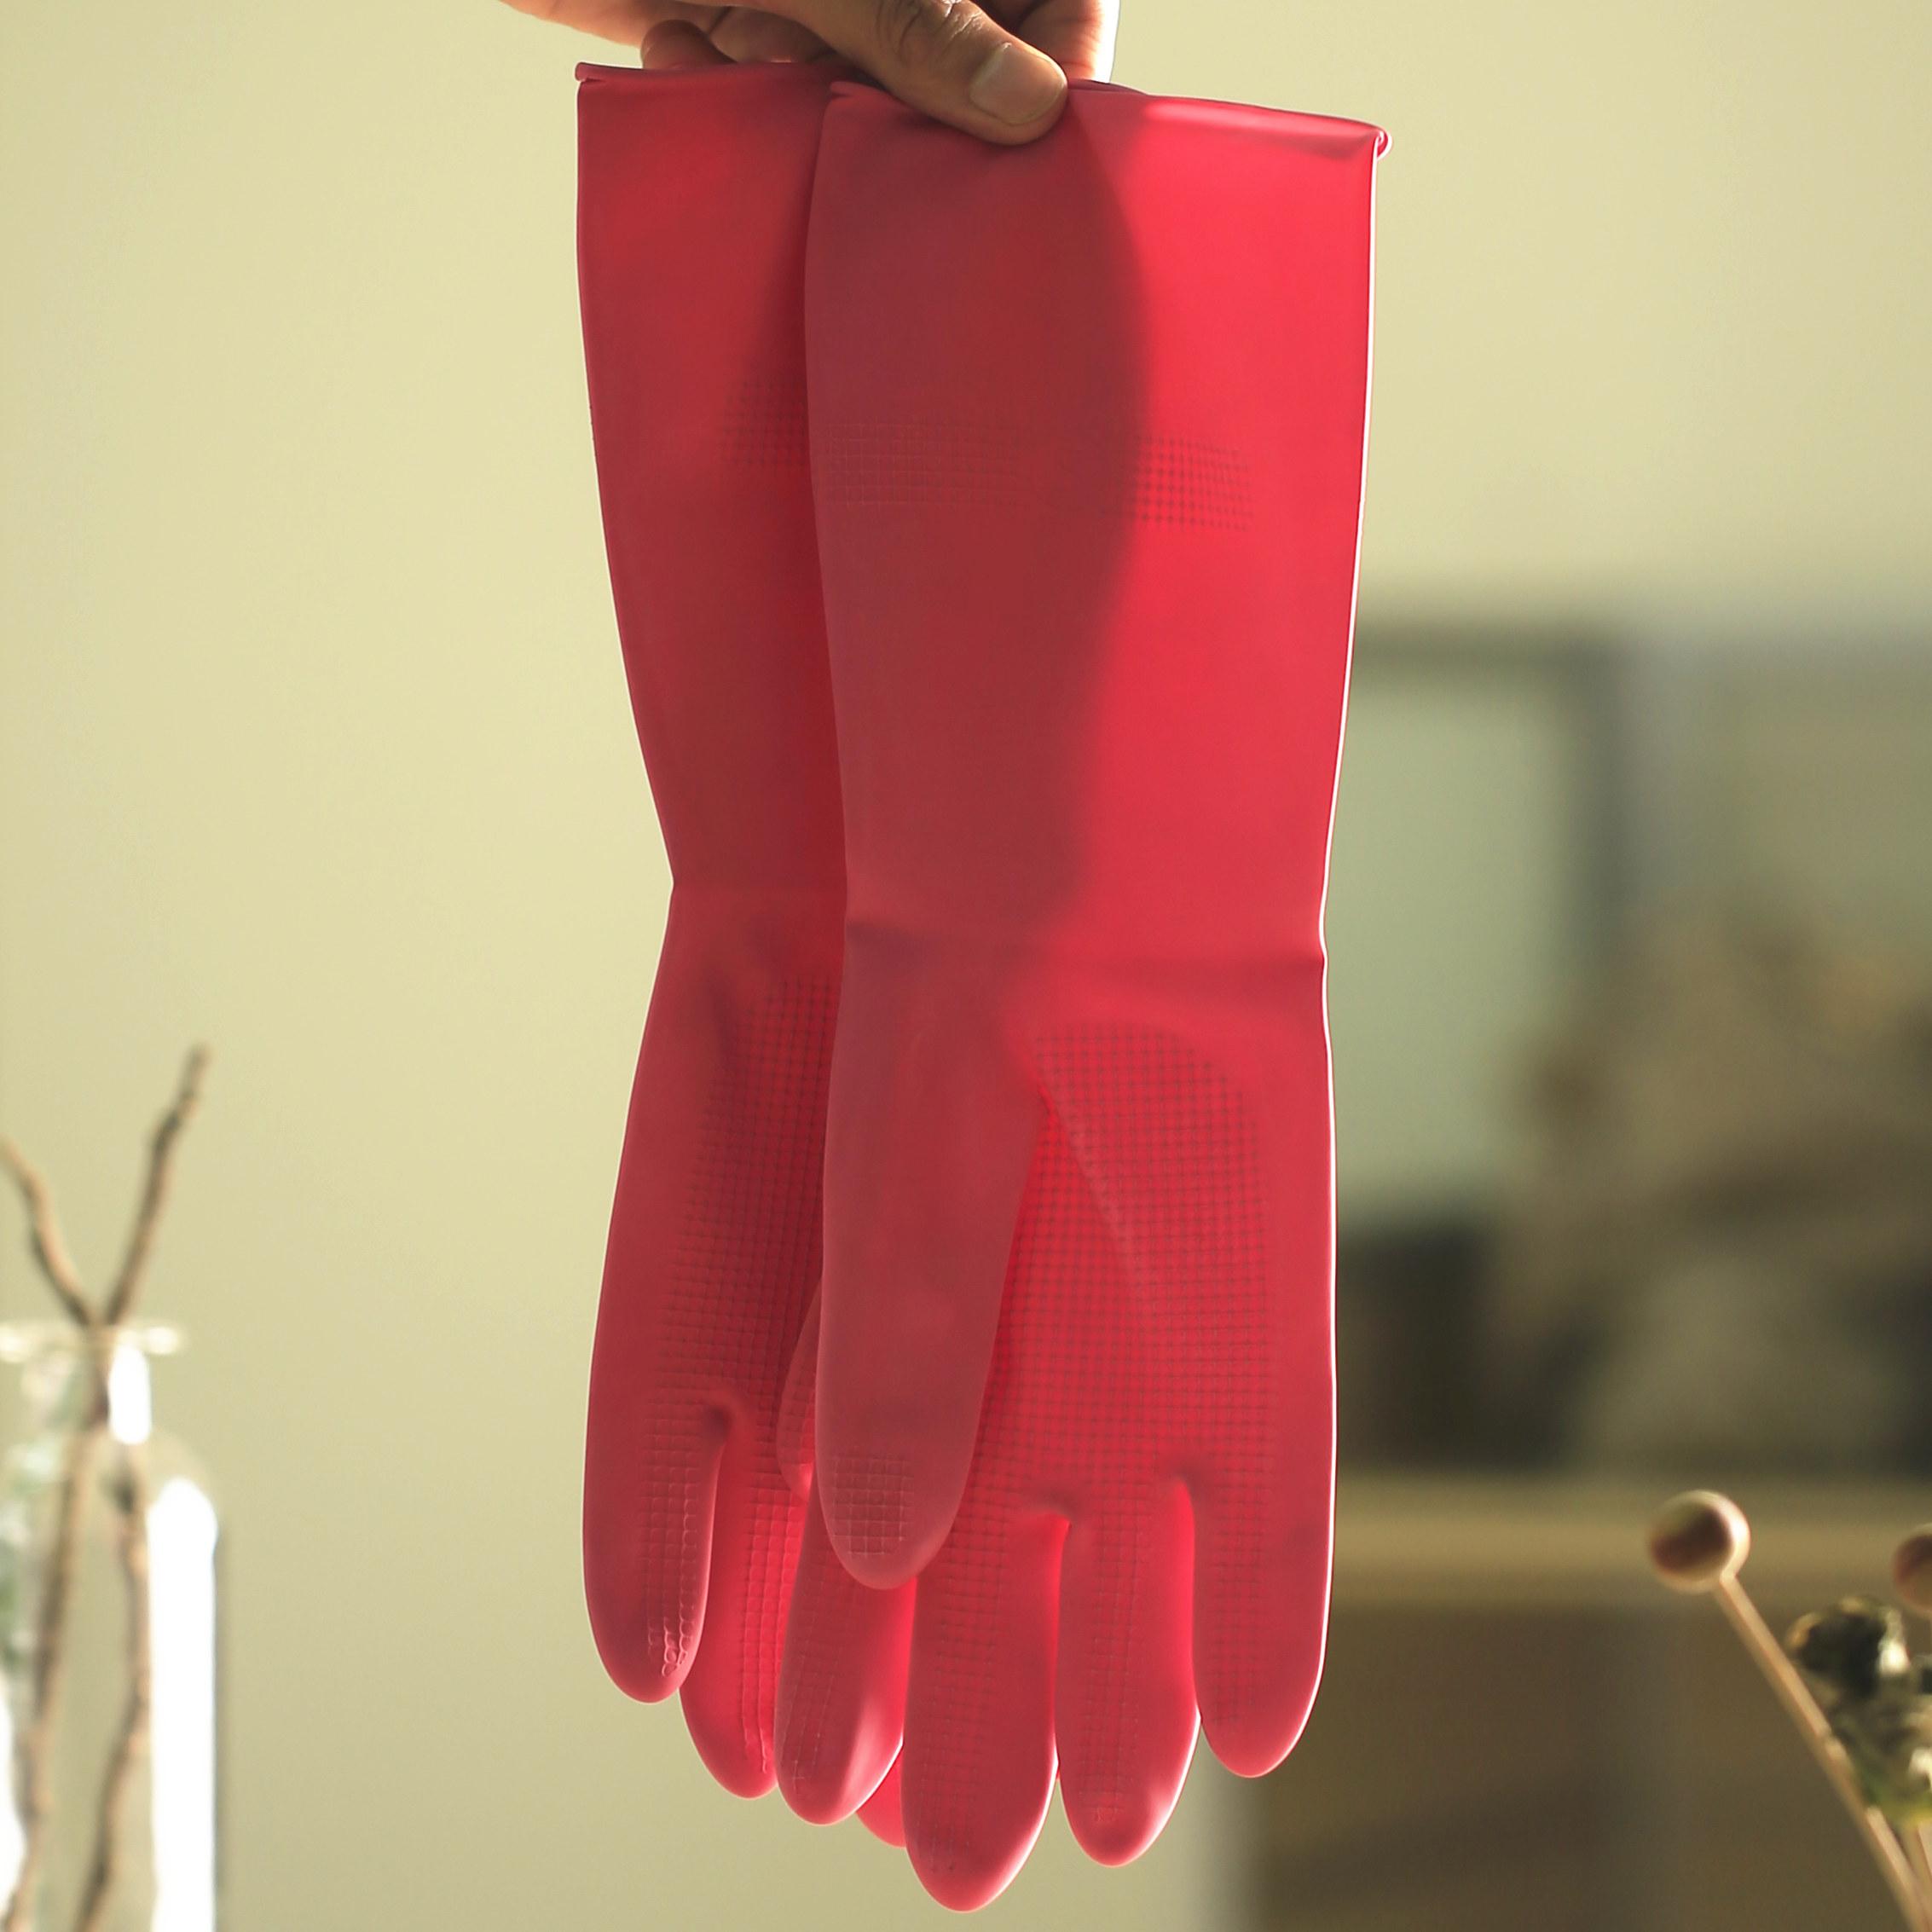 10件包邮云蕾橡胶家务清洁女士加长加厚保暖耐用洗衣洗碗手套